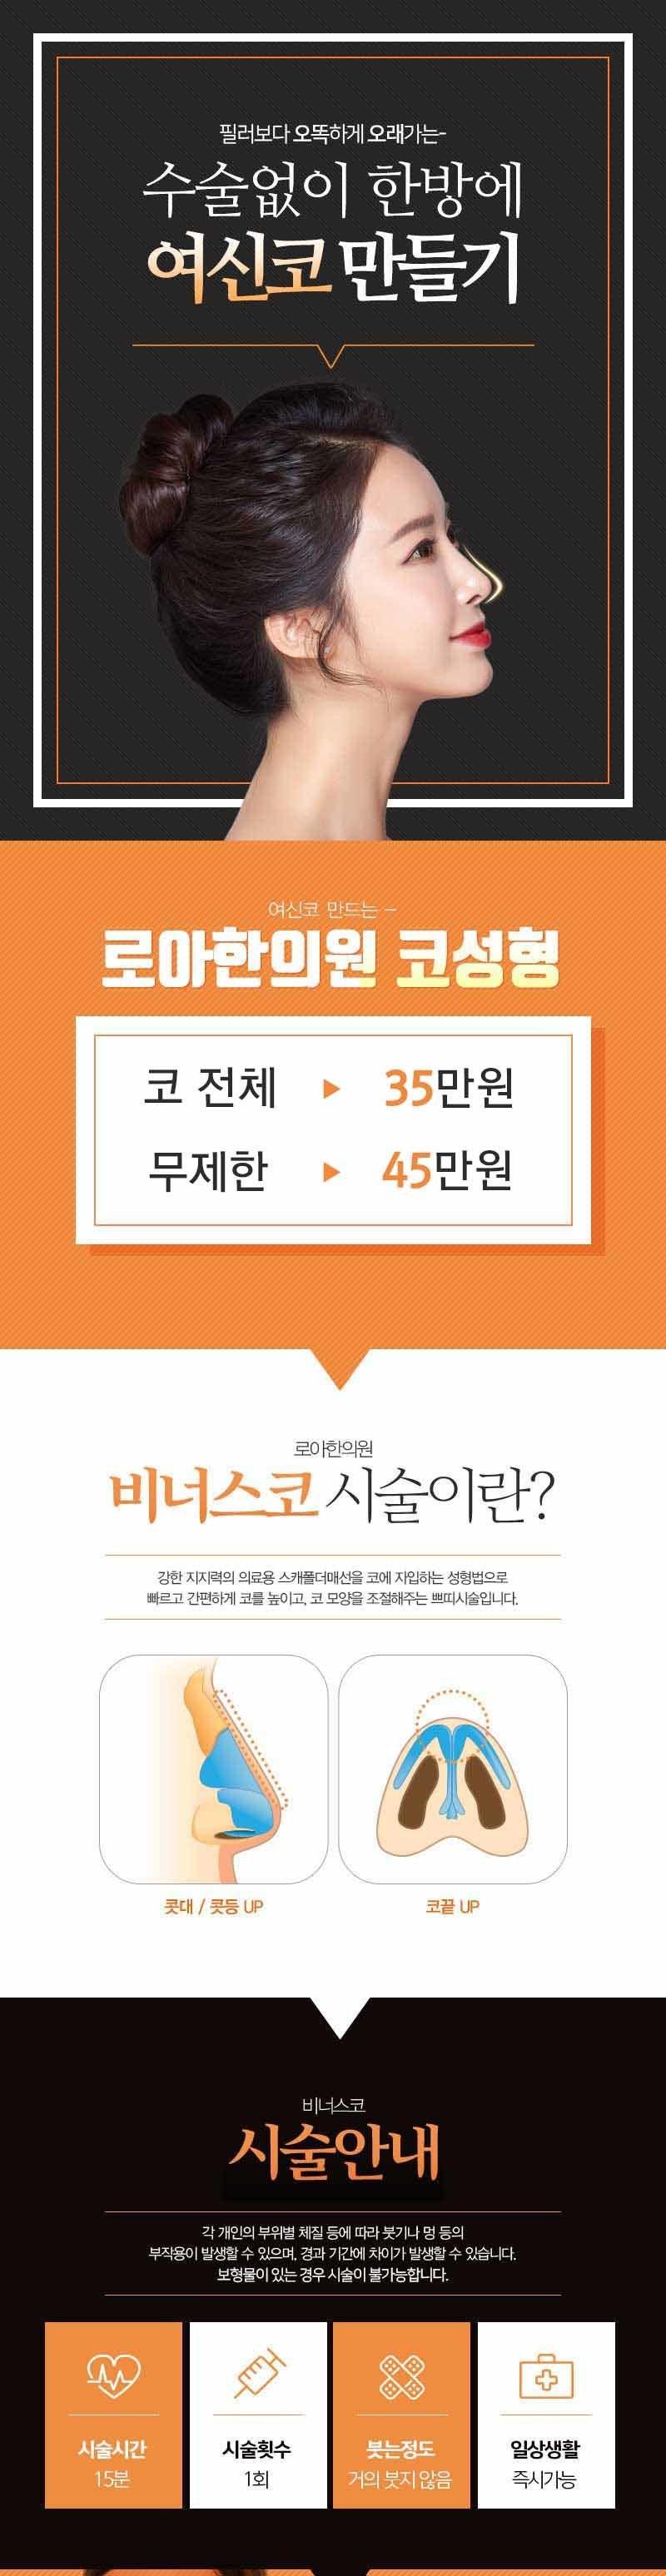 D event info 3cf4544656c9bd764d